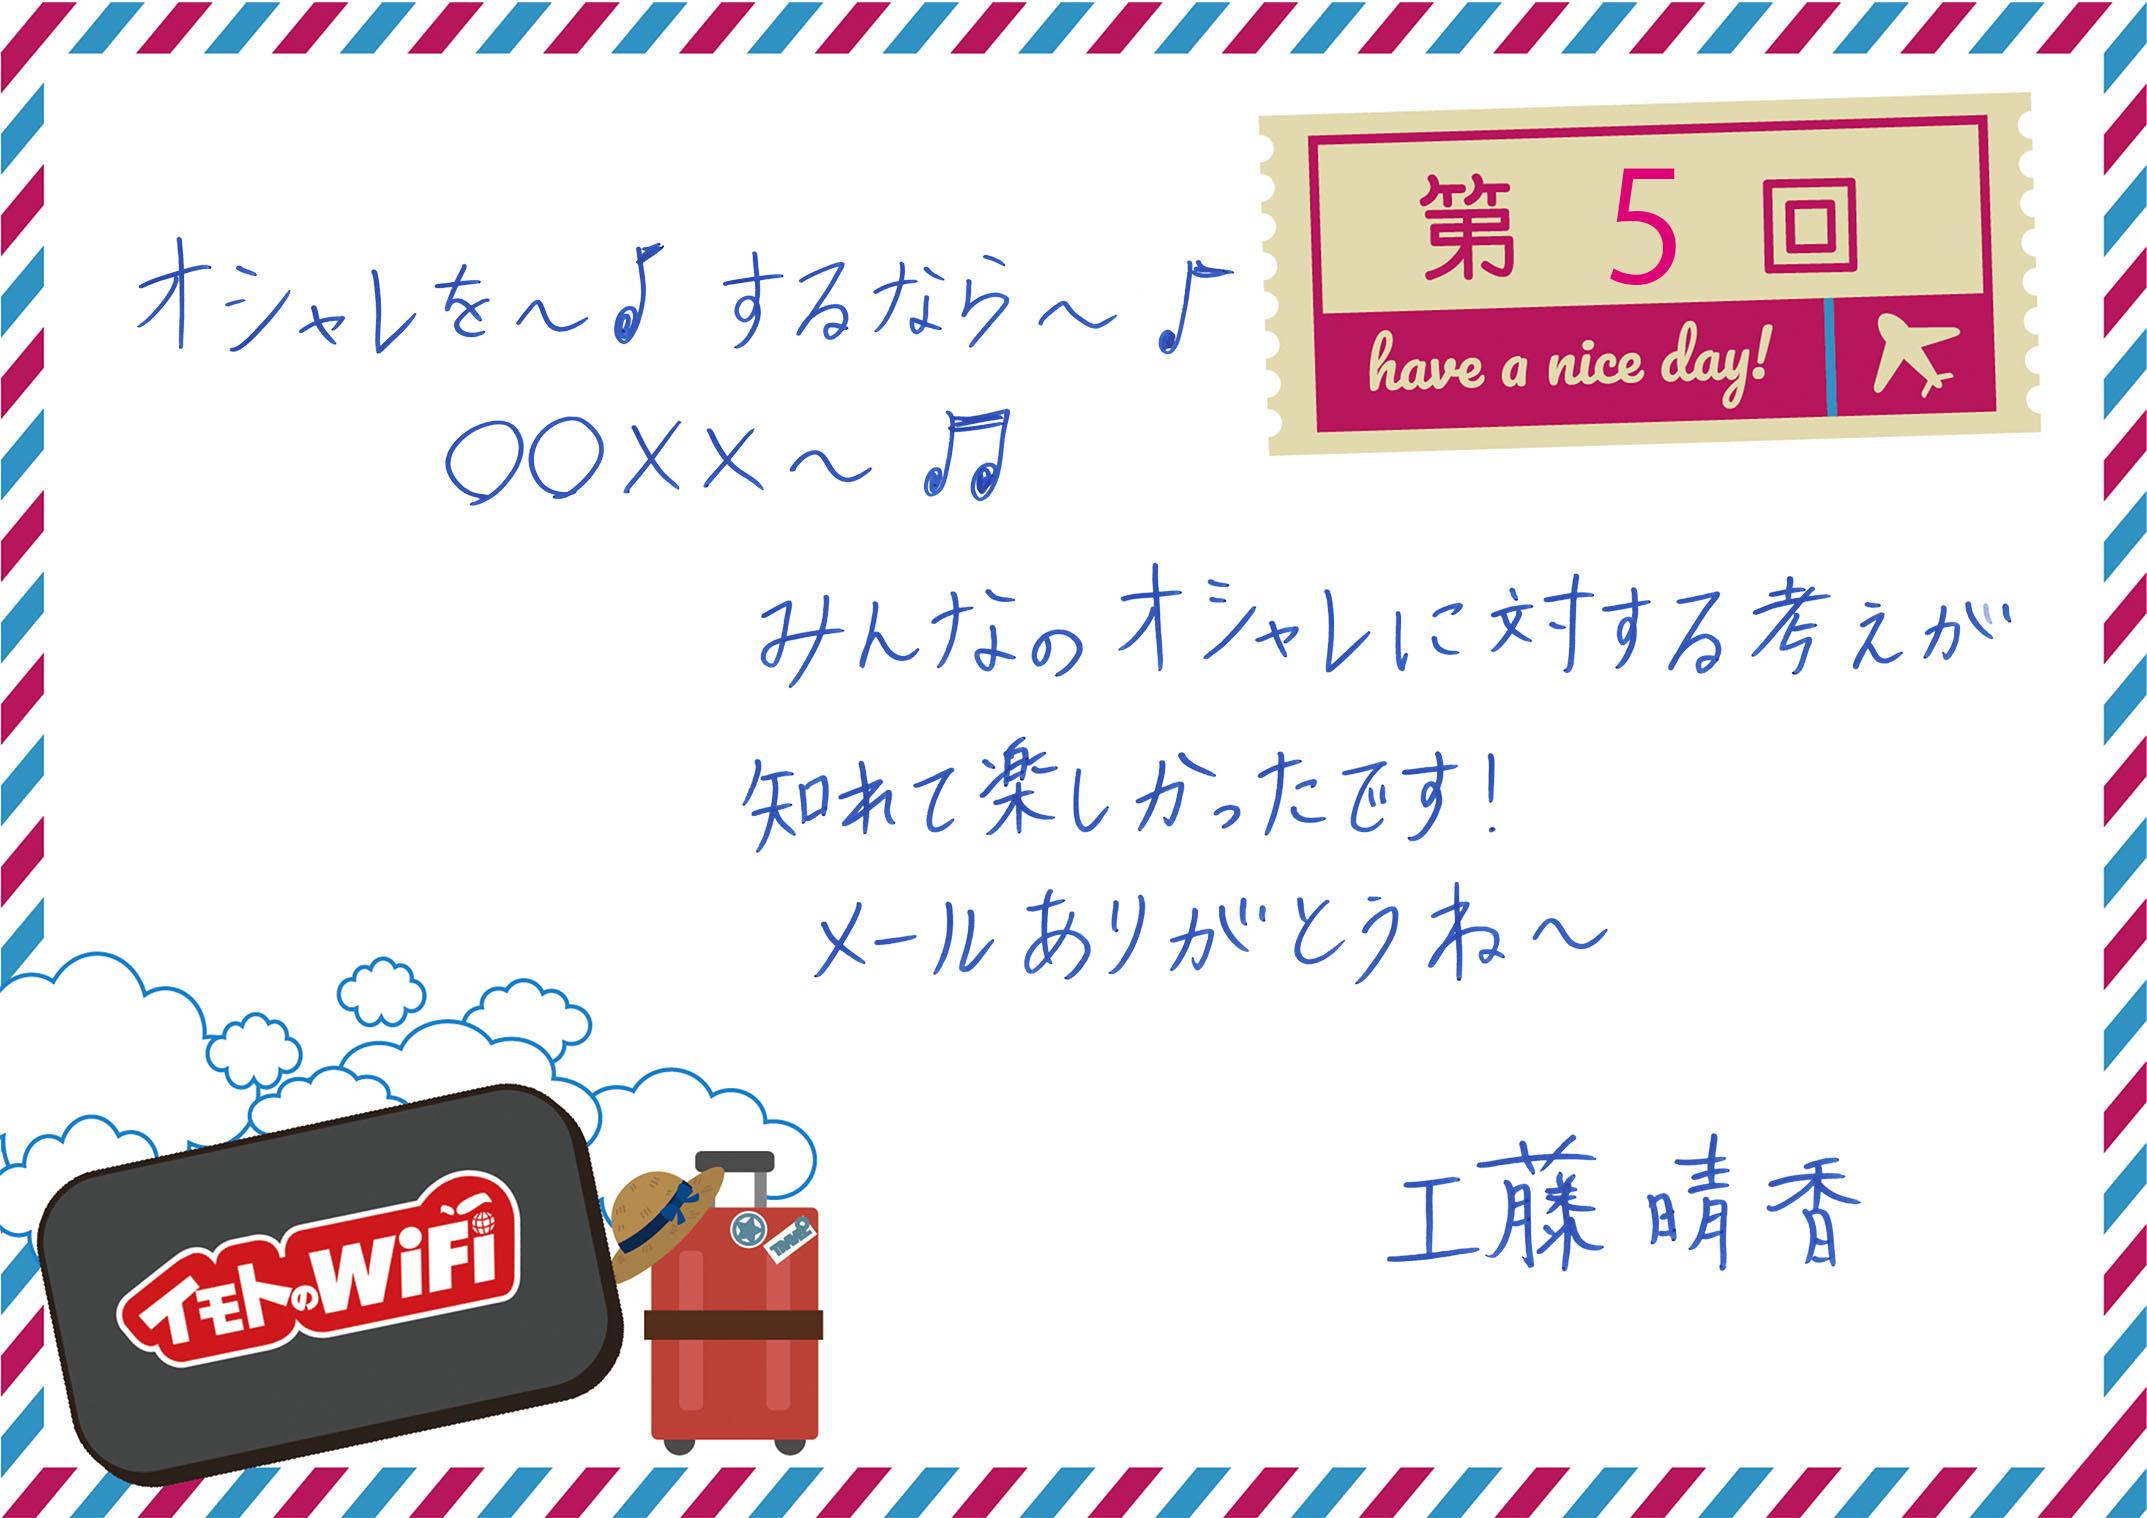 wifi05k-2